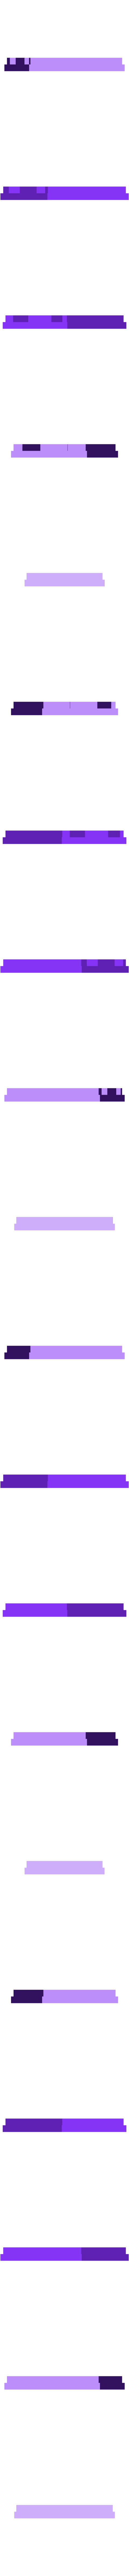 uno.STL Télécharger fichier STL gratuit Rooter CNC simple • Plan pour imprimante 3D, TheTNR